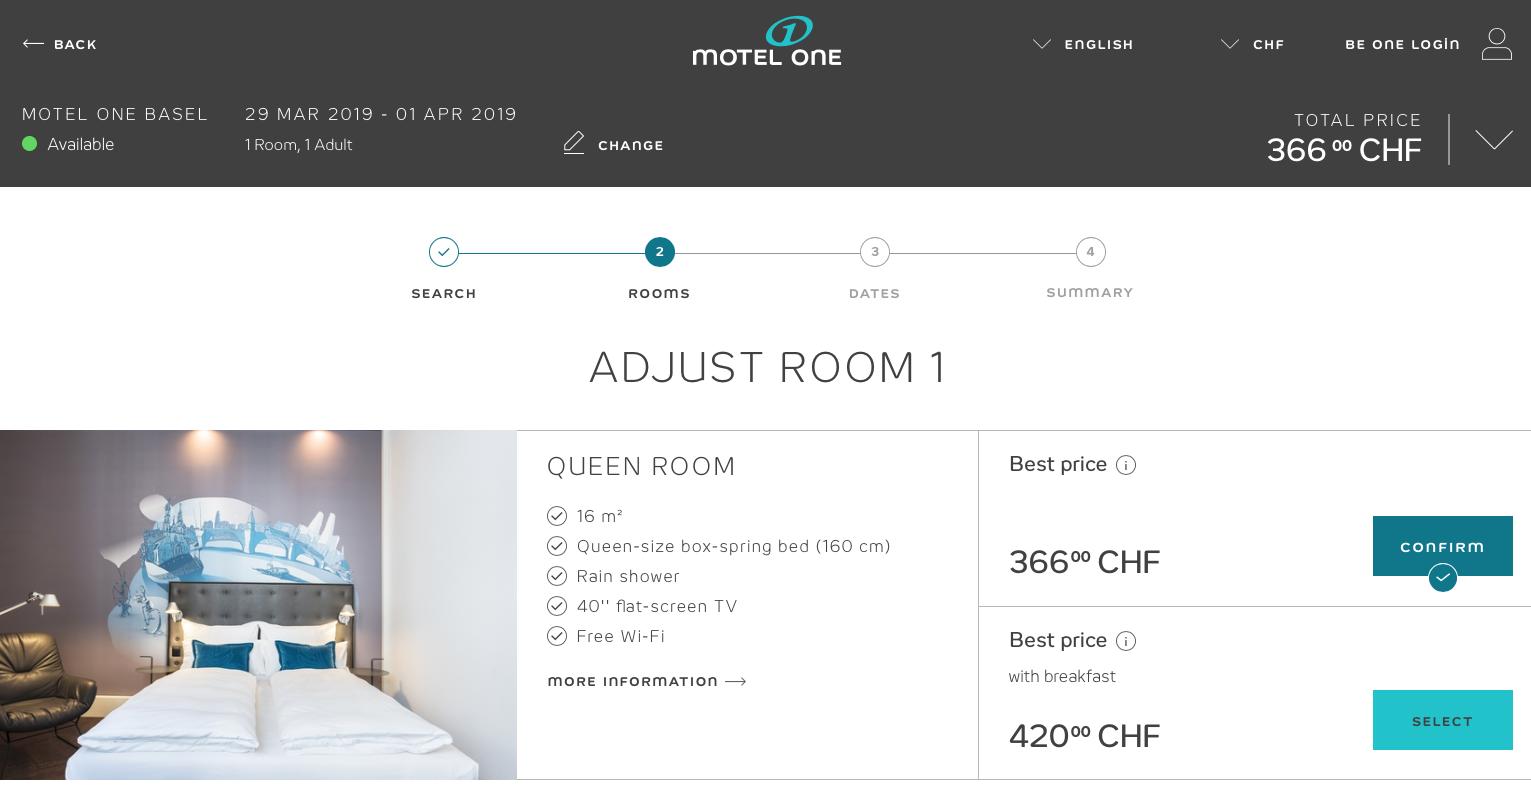 Motel One Baselworld 2019